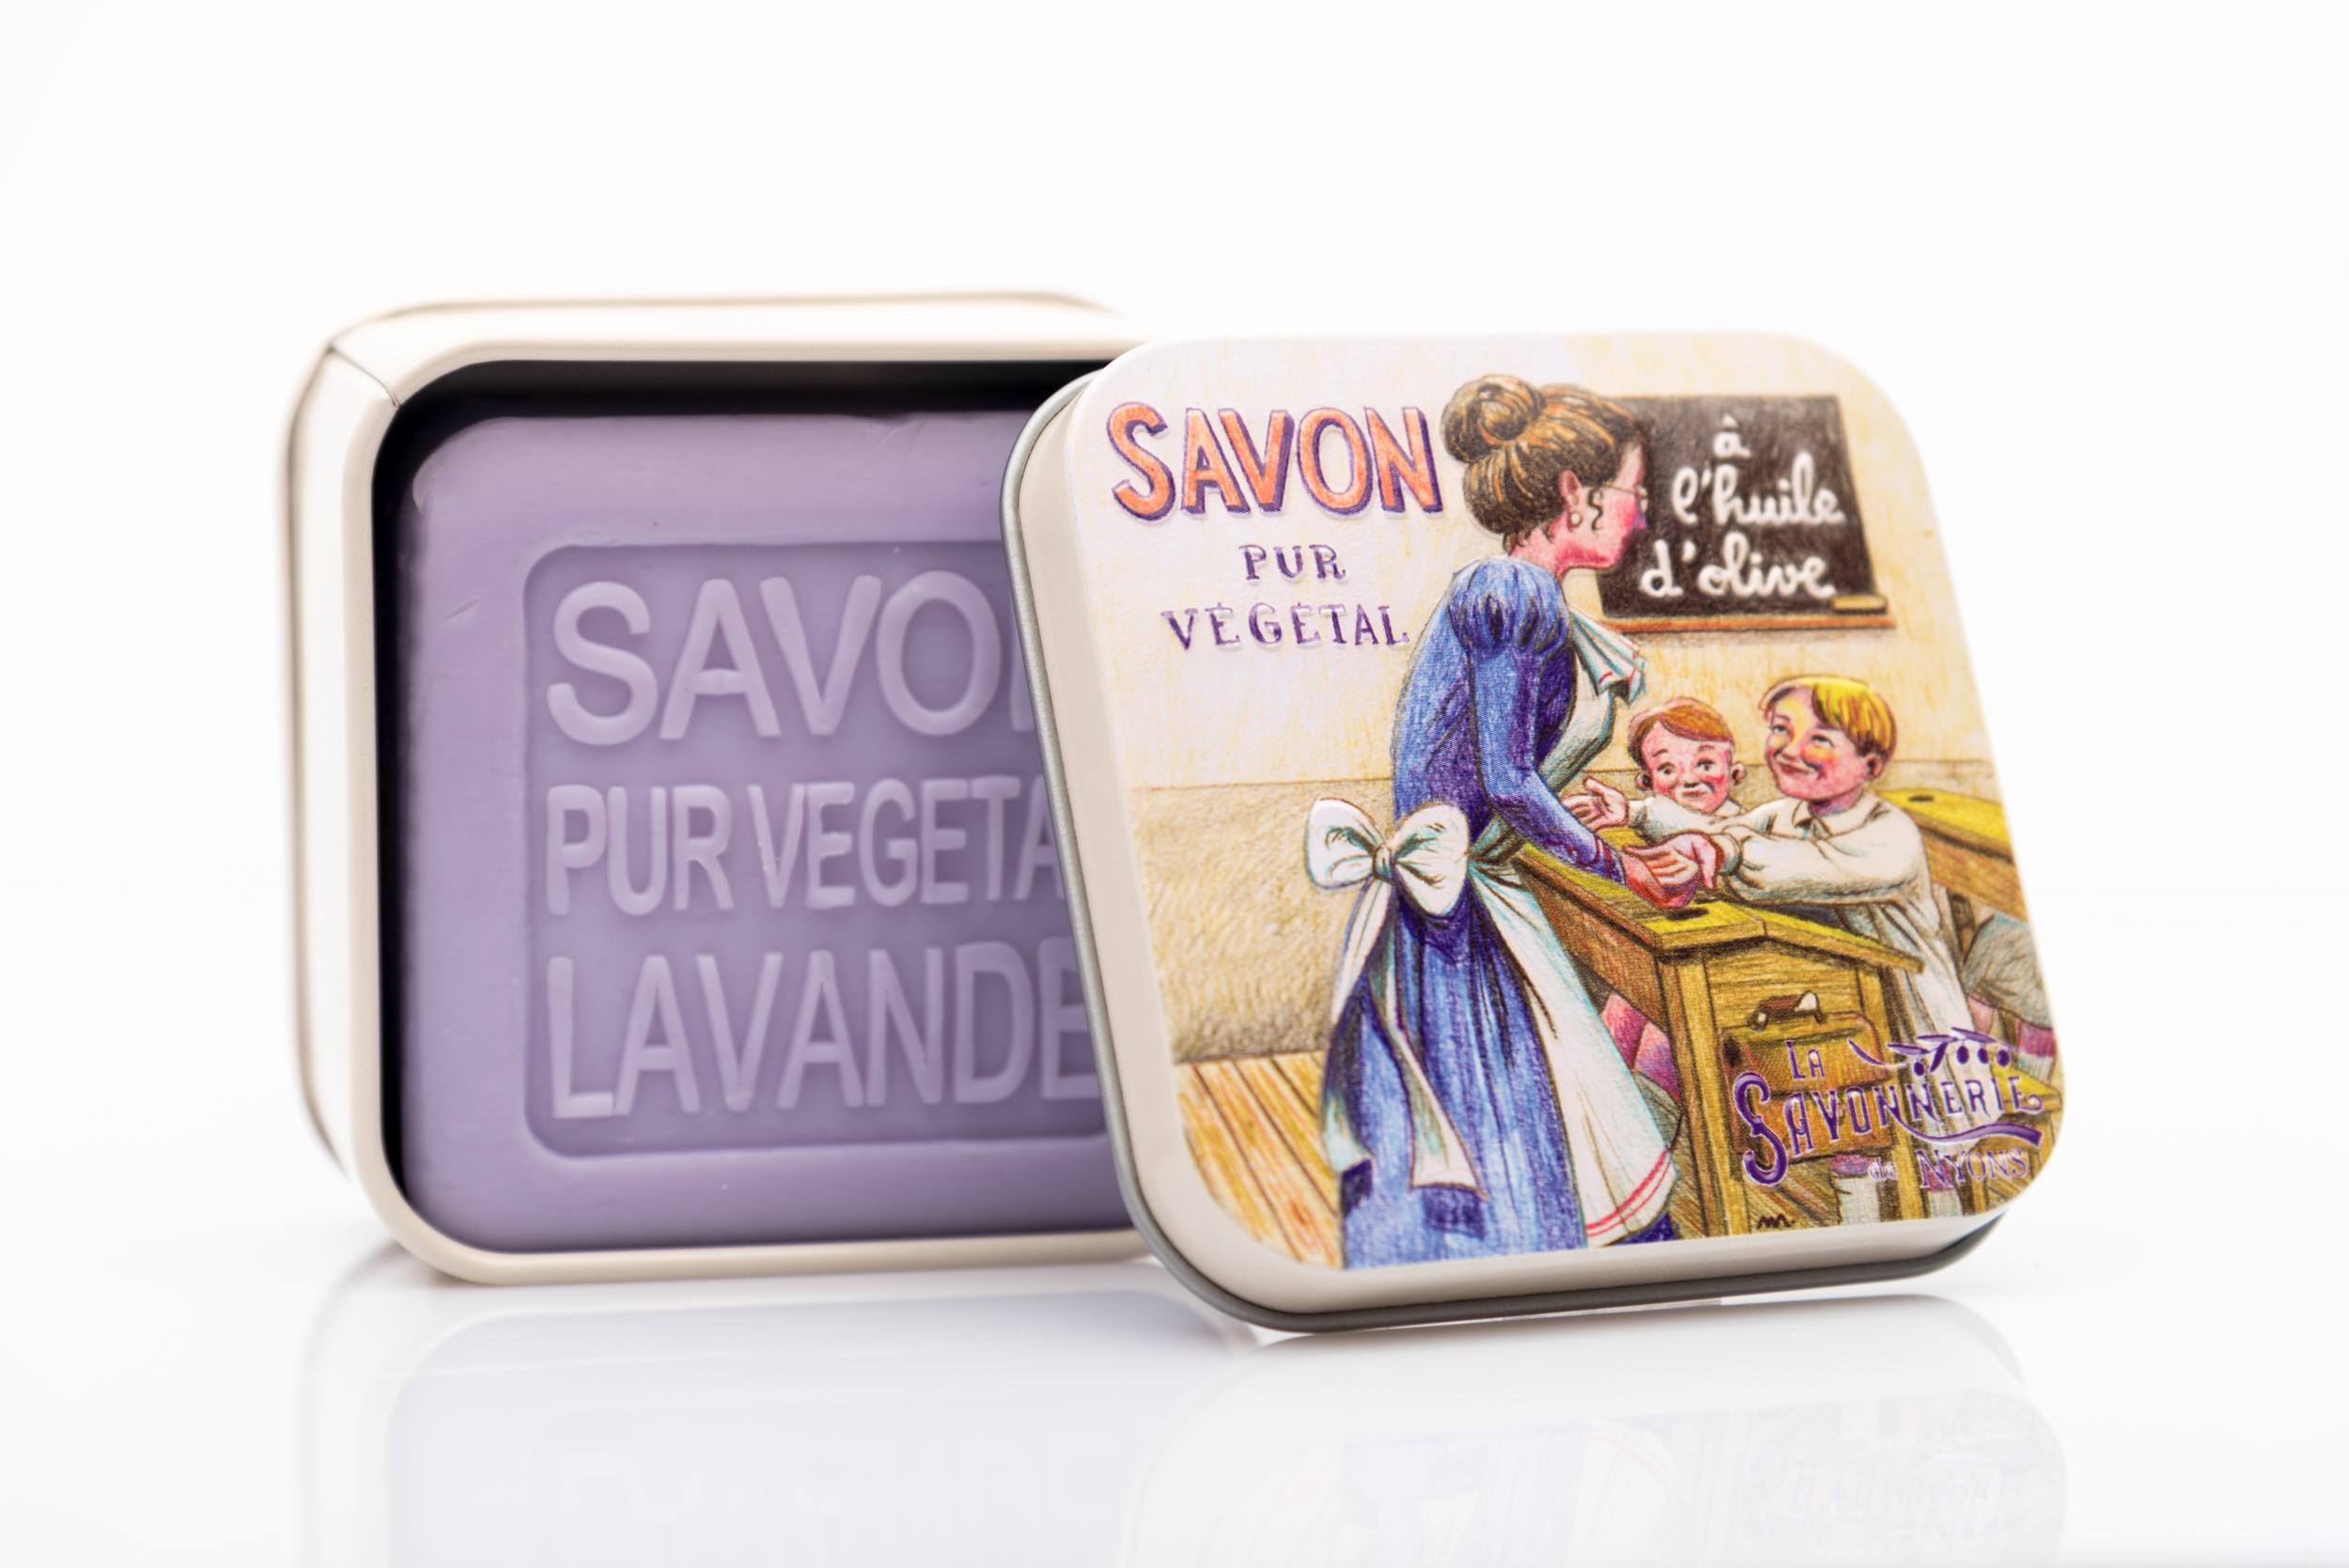 SAVON DE NYONS VEGETAL MADE IN FRANCE AVEC BOITE METALIQUE MODELE 27 A LA LAVANDE